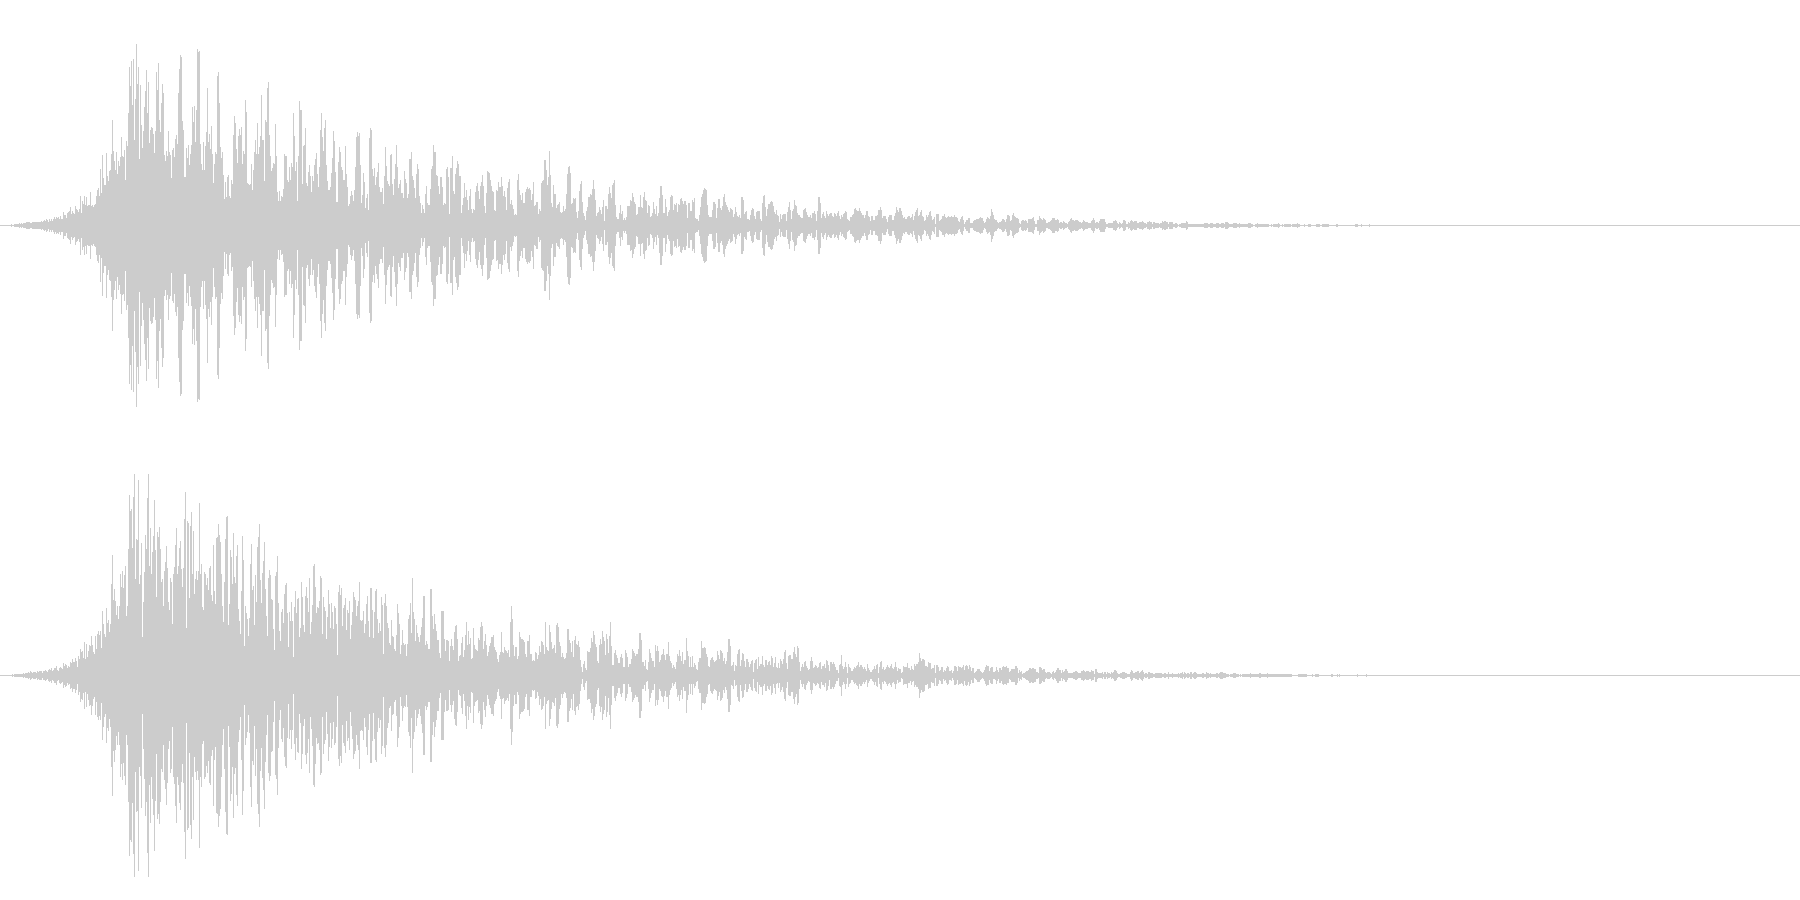 シュードーン-23-1(インパクト音)の未再生の波形